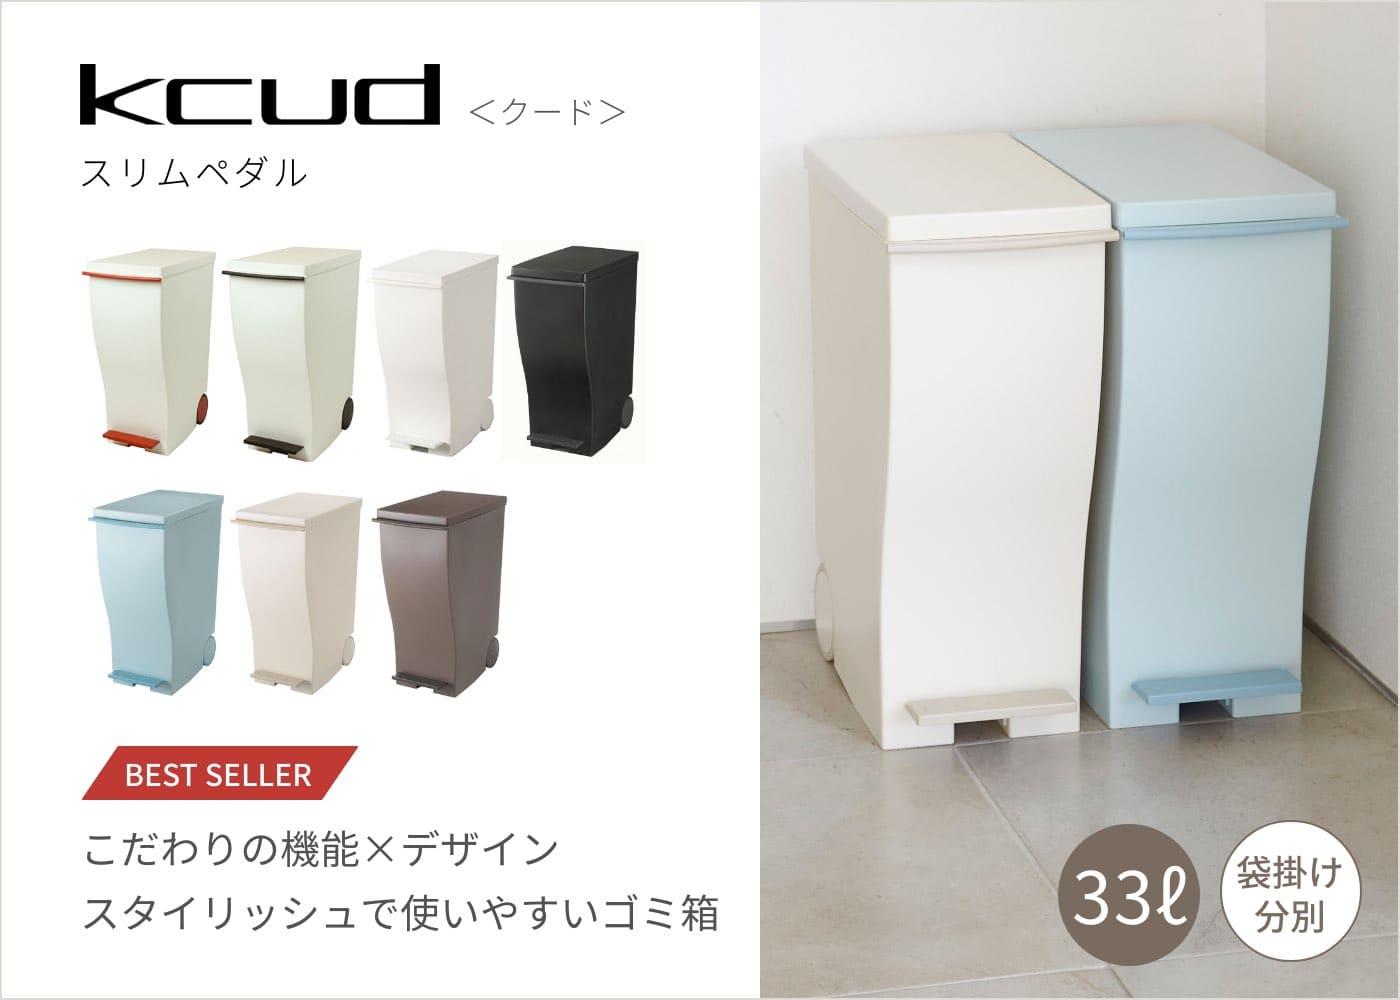 kcud クード こだわりの機能×デザイン スタイリッシュで使いやすいゴミ箱 33L